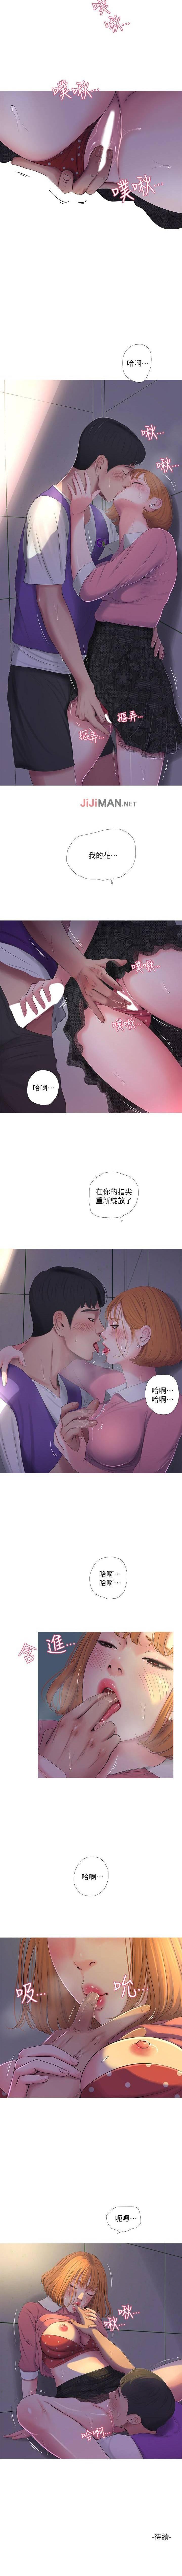 【周四连载】亲家四姐妹(作者:愛摸) 第1~37话 42